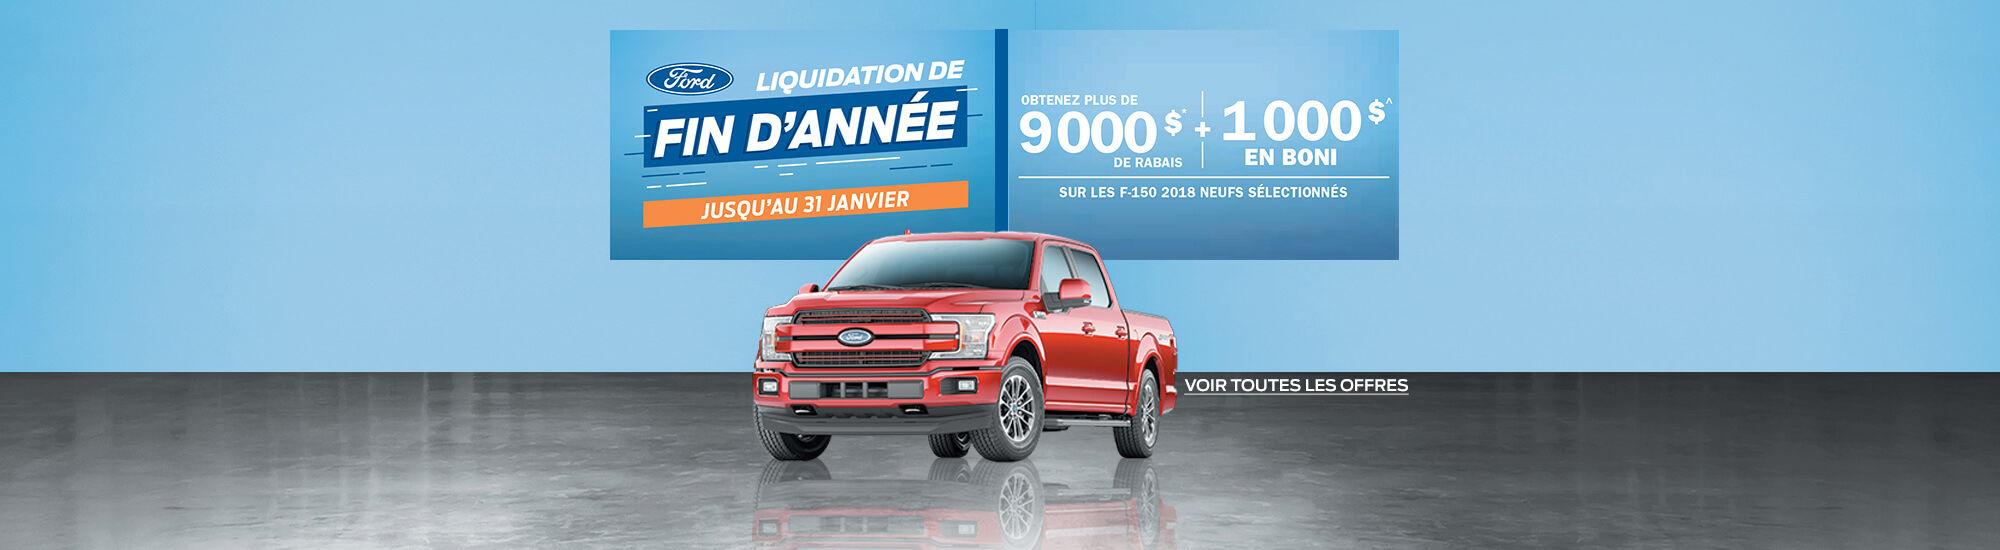 Liquidation de fin d'année Ford